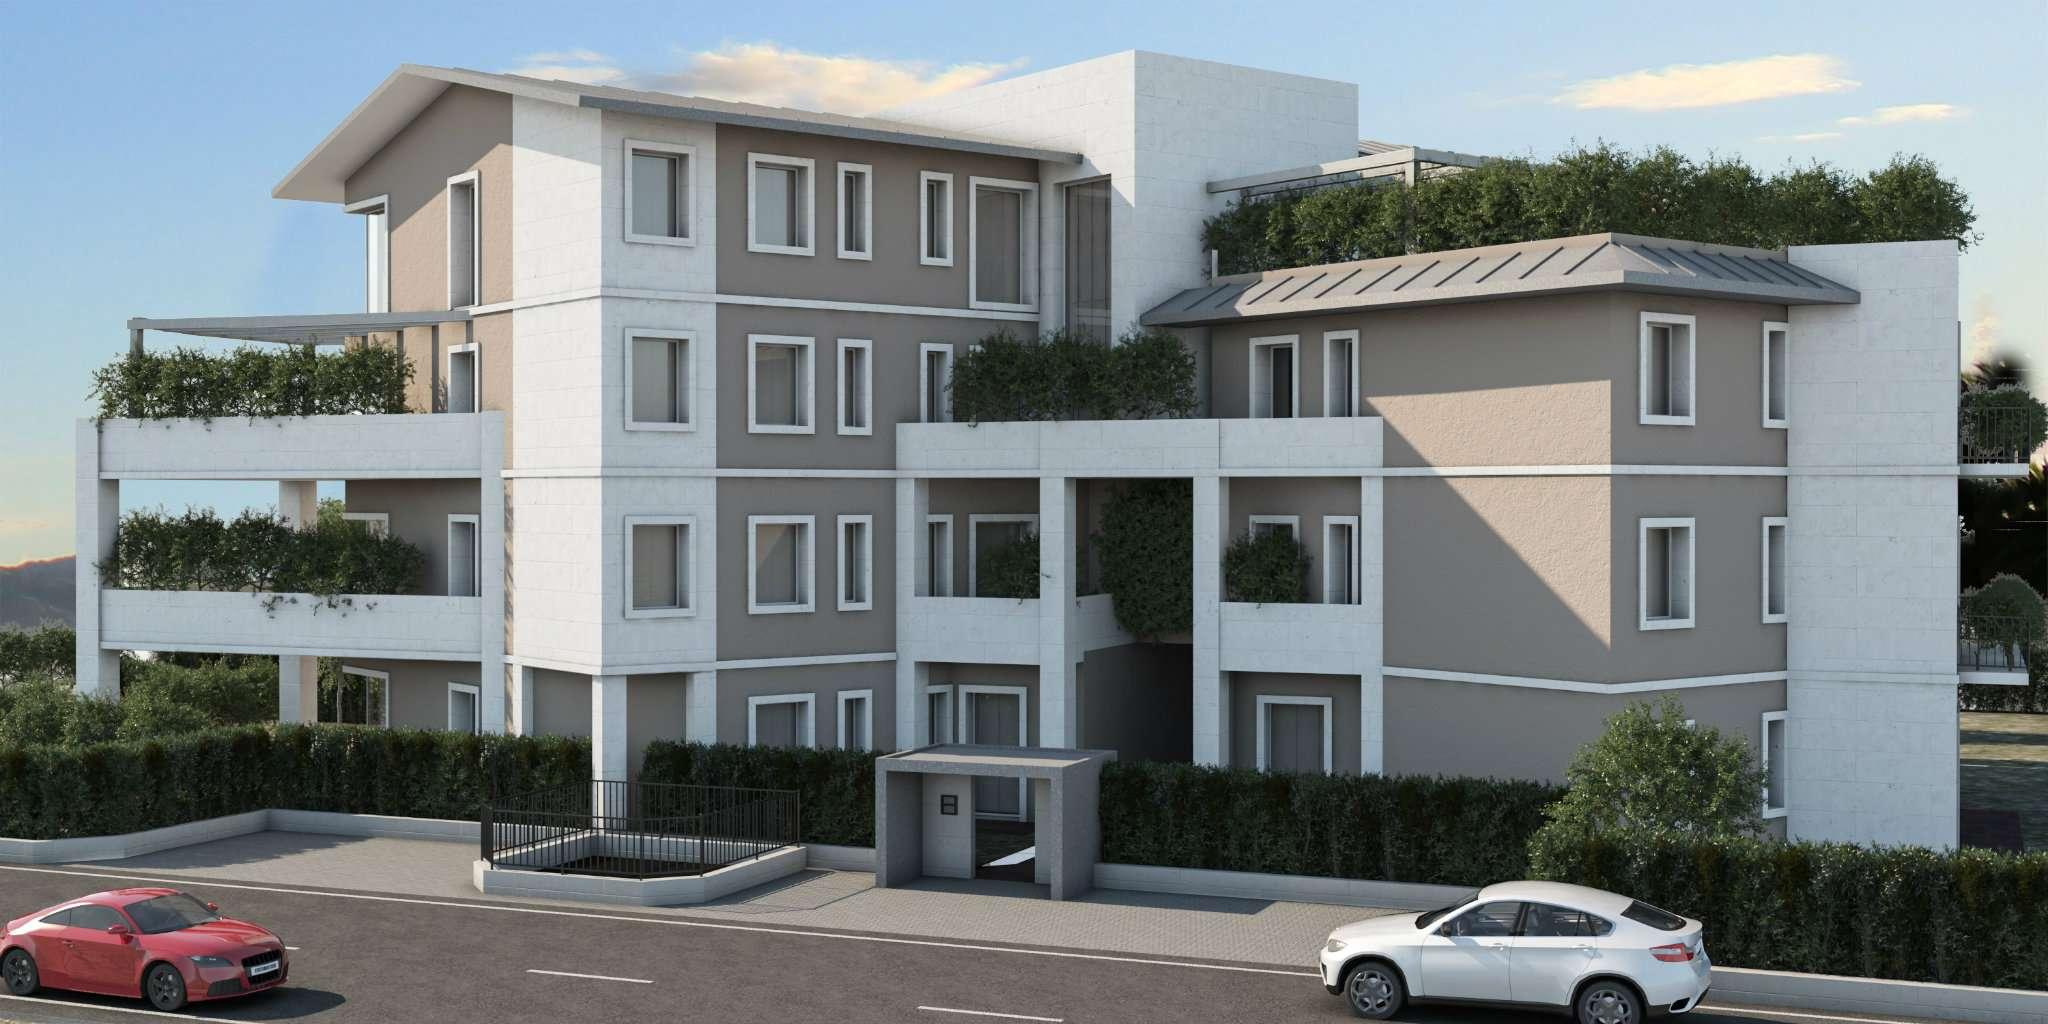 Appartamento in vendita a Seregno, 4 locali, prezzo € 411.640 | CambioCasa.it